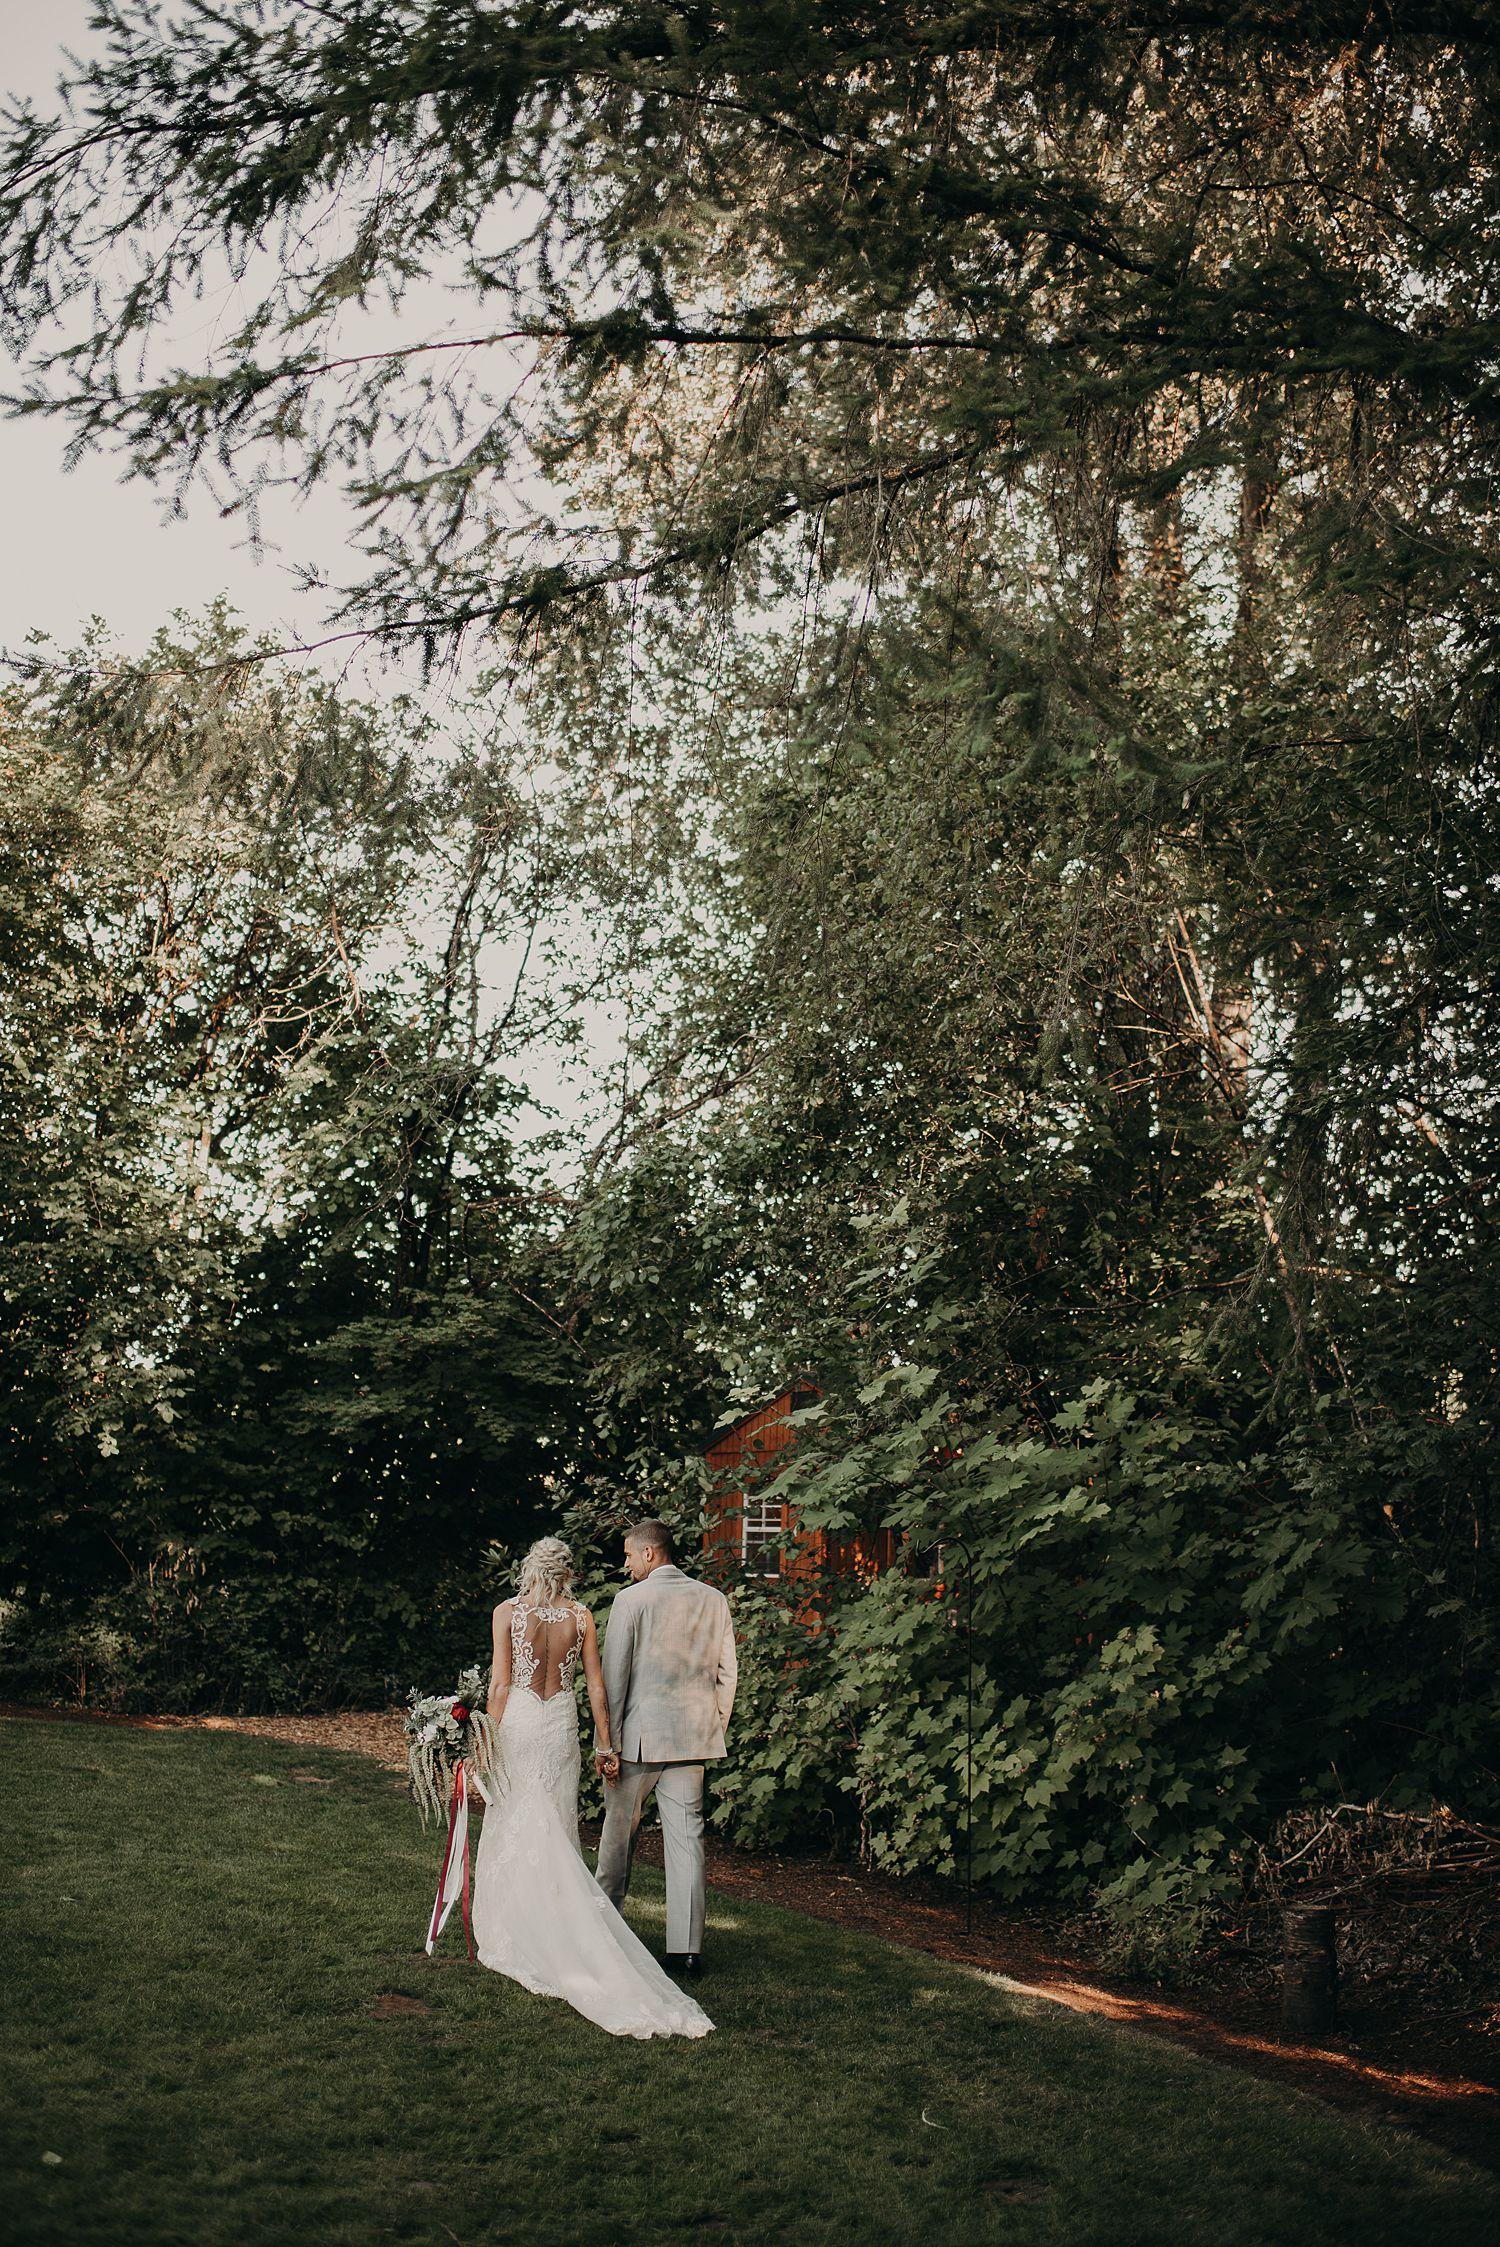 Genna-Dante-Washington-Wedding-July-14th_2018_0283.jpg